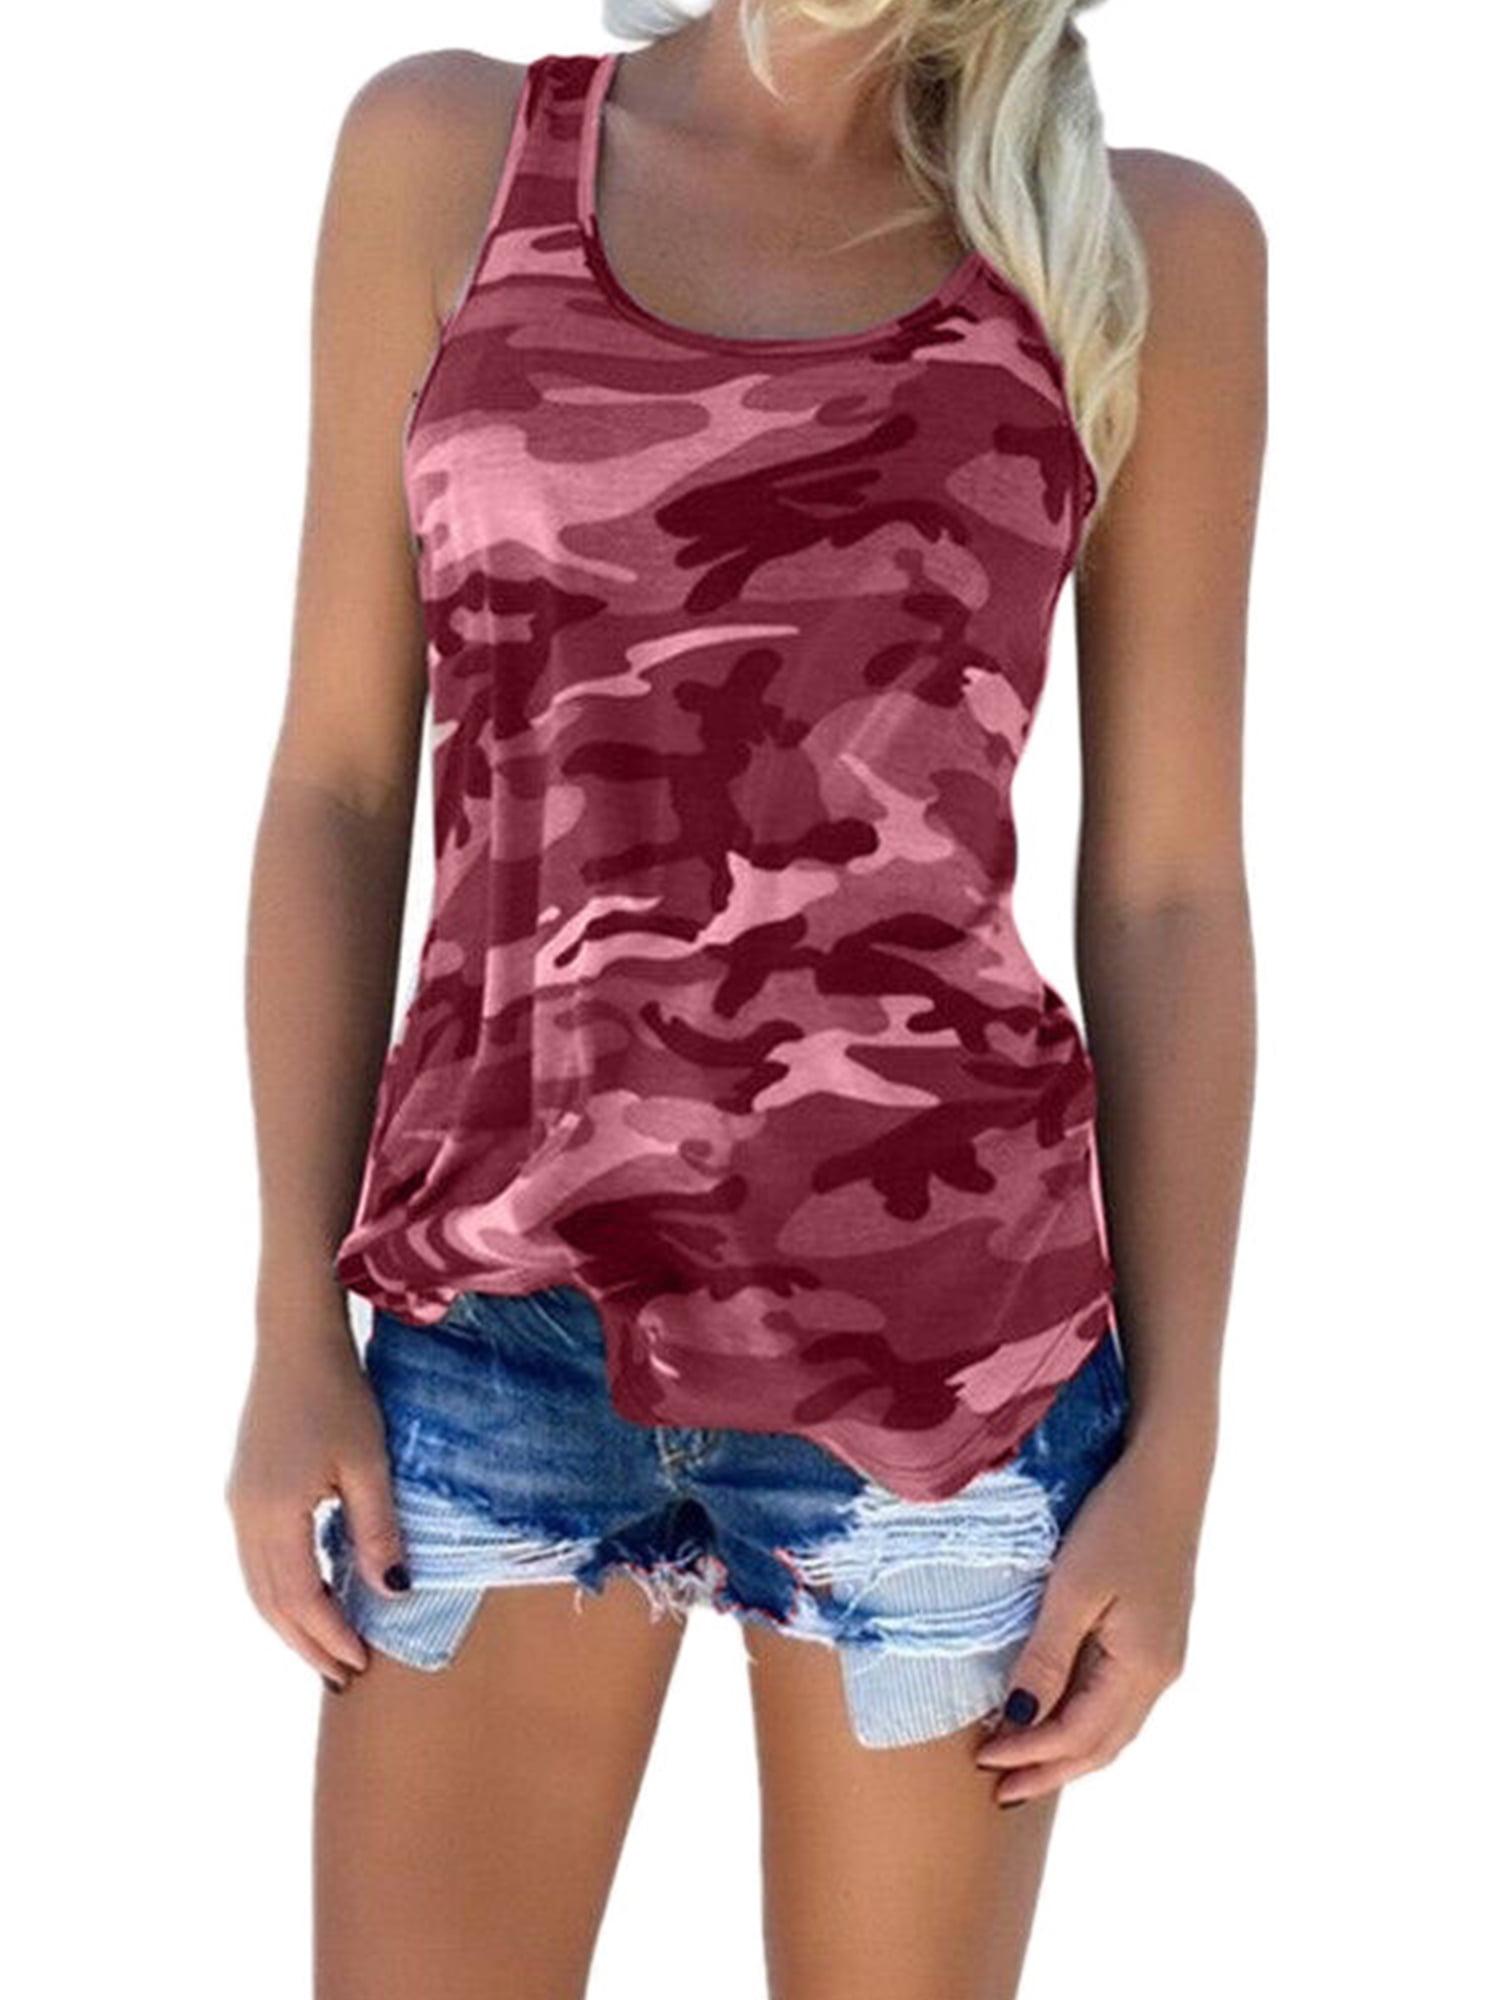 Men/'s tank top Lady Luck pin up girl army digital camo design tee shirt